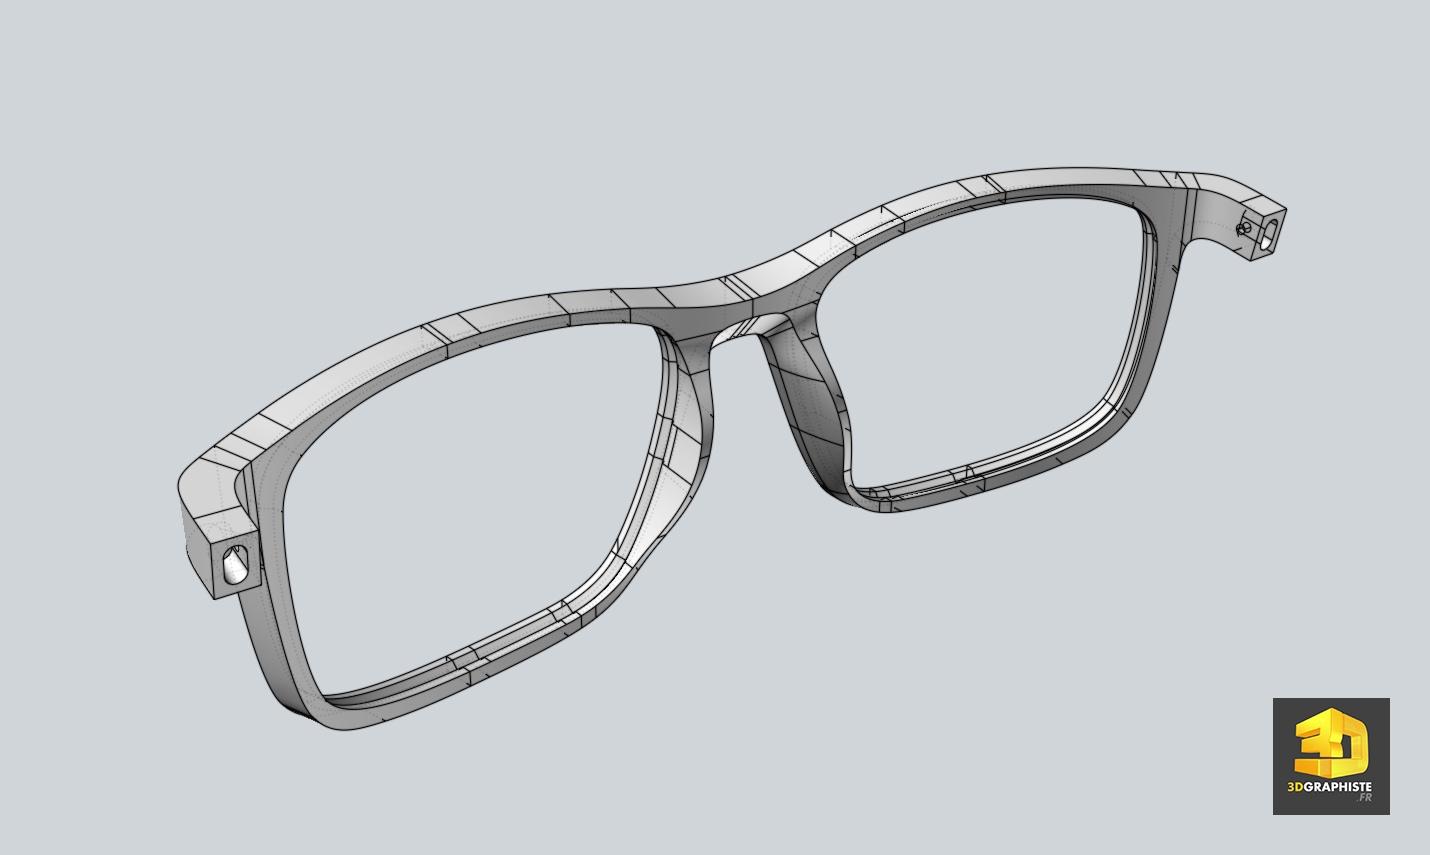 essayer des lunettes en ligne 3d Nos lunettes de soleil avec module d'essai en ligne vous trouverez l'essai virtuel dans toutes les fiches détaillées des montures afin de les essayer sur votre.